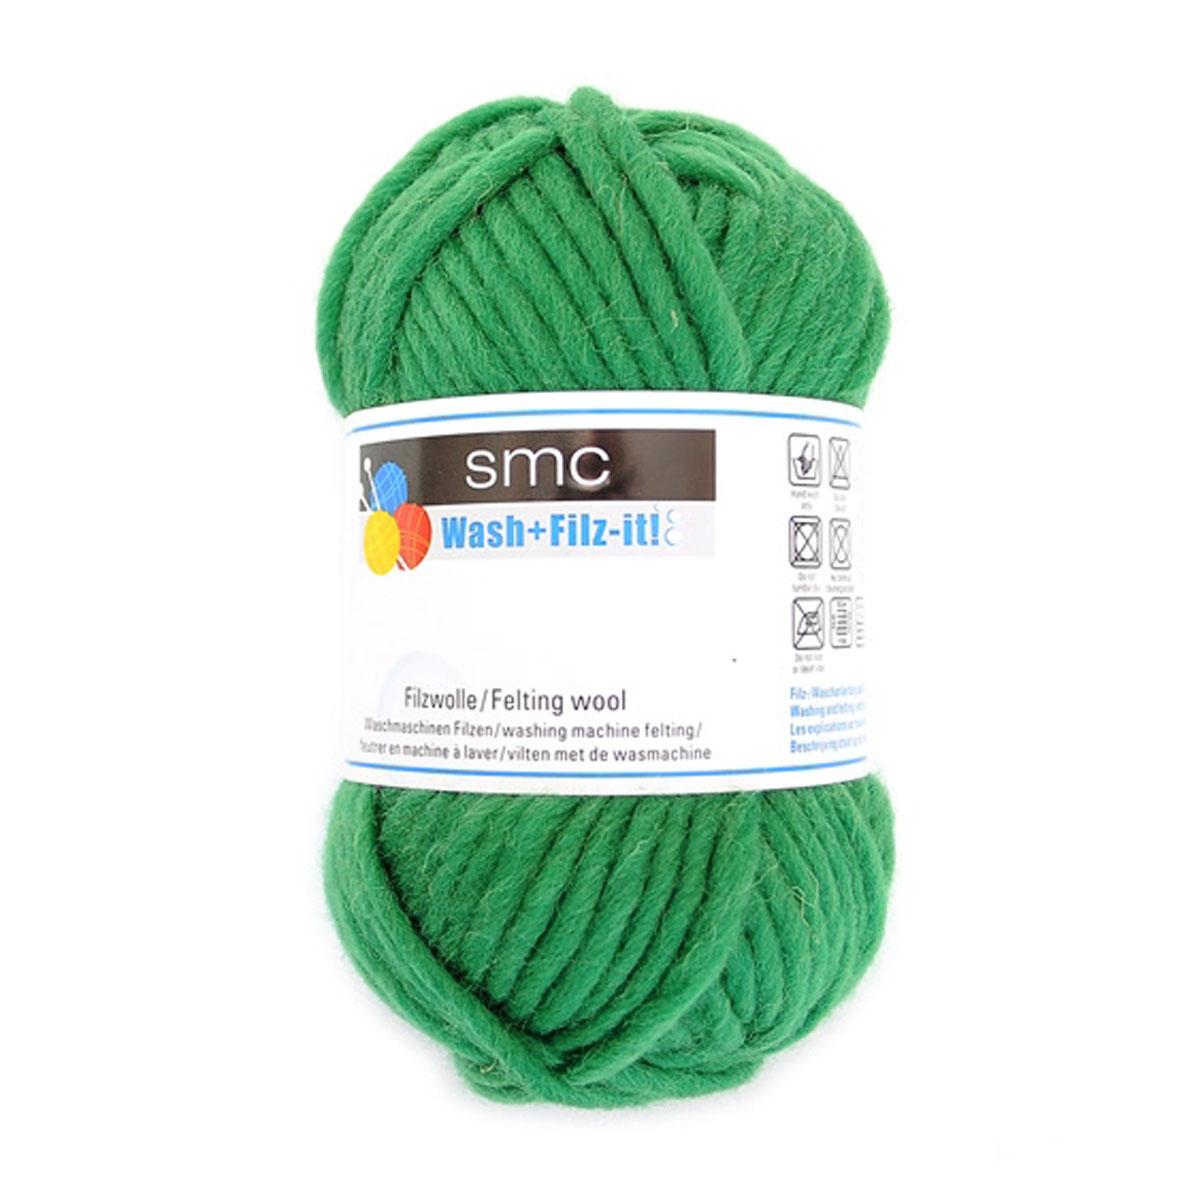 Пряжа для сваливания в стиральной машине Wash+Filz-it, цвет: grass green (зеленая трава) (00016), 50 м, 50 г9812942-00016Специальная пряжа Wash+Filz-it, выполненная из натуральной шерсти, предназначена для вязания на спицах и дальнейшего сваливания в стиральной машине. Придайте вашим идеям форму! С этой пряжей очень легко работать - свяжите и выстирайте в стиральной машине при температуре 60°С. Внимание! Ваше связанное изделие после стирки уменьшится на 30%. Валяние шерсти - это особая техника рукоделия, в процессе которой из шерсти для валяния создается рисунок на ткани или войлоке, объемные игрушки, панно, декоративные элементы, предметы одежды или аксессуары. Только натуральная шерсть обладает способностью сваливаться или свойлачиваться.